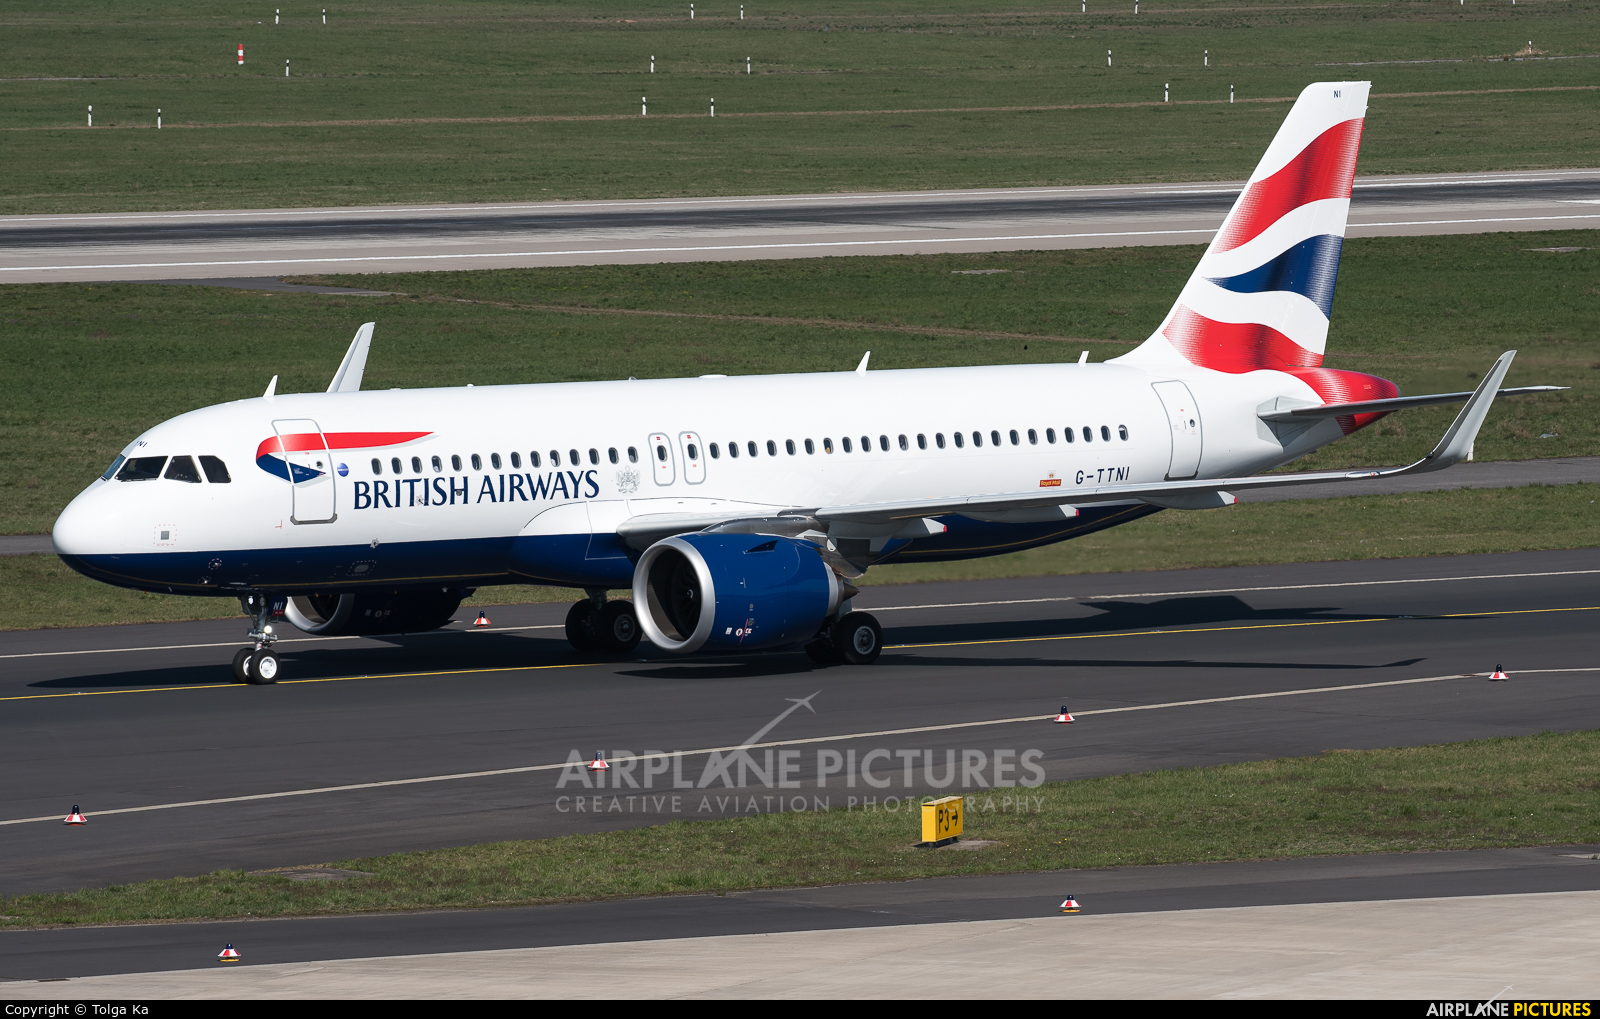 British Airways G-TTNI aircraft at Düsseldorf